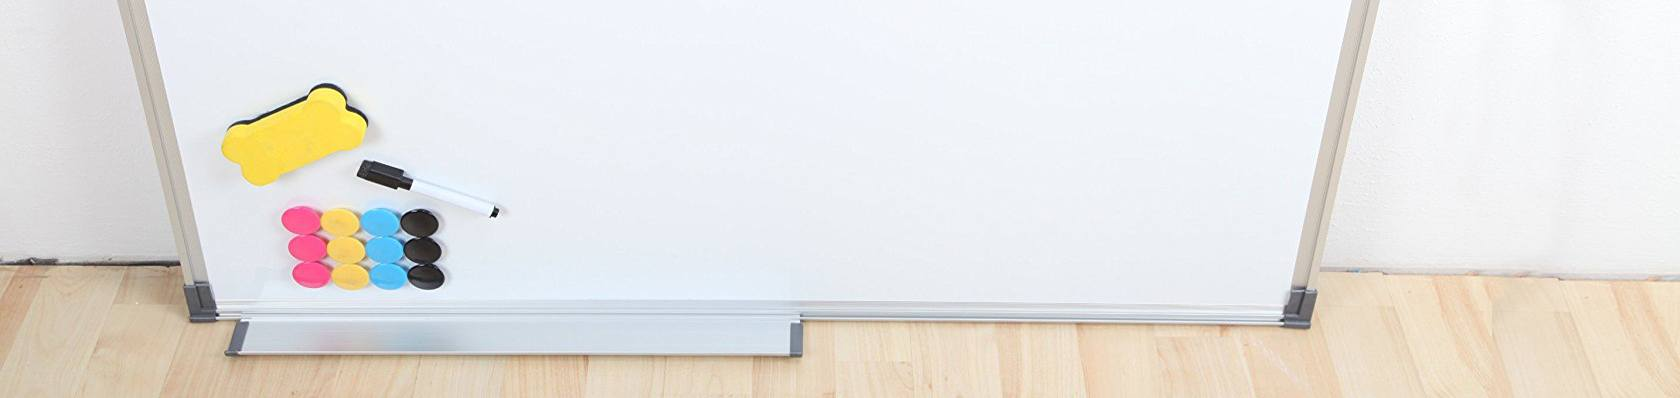 Whiteboards im Test auf ExpertenTesten.de